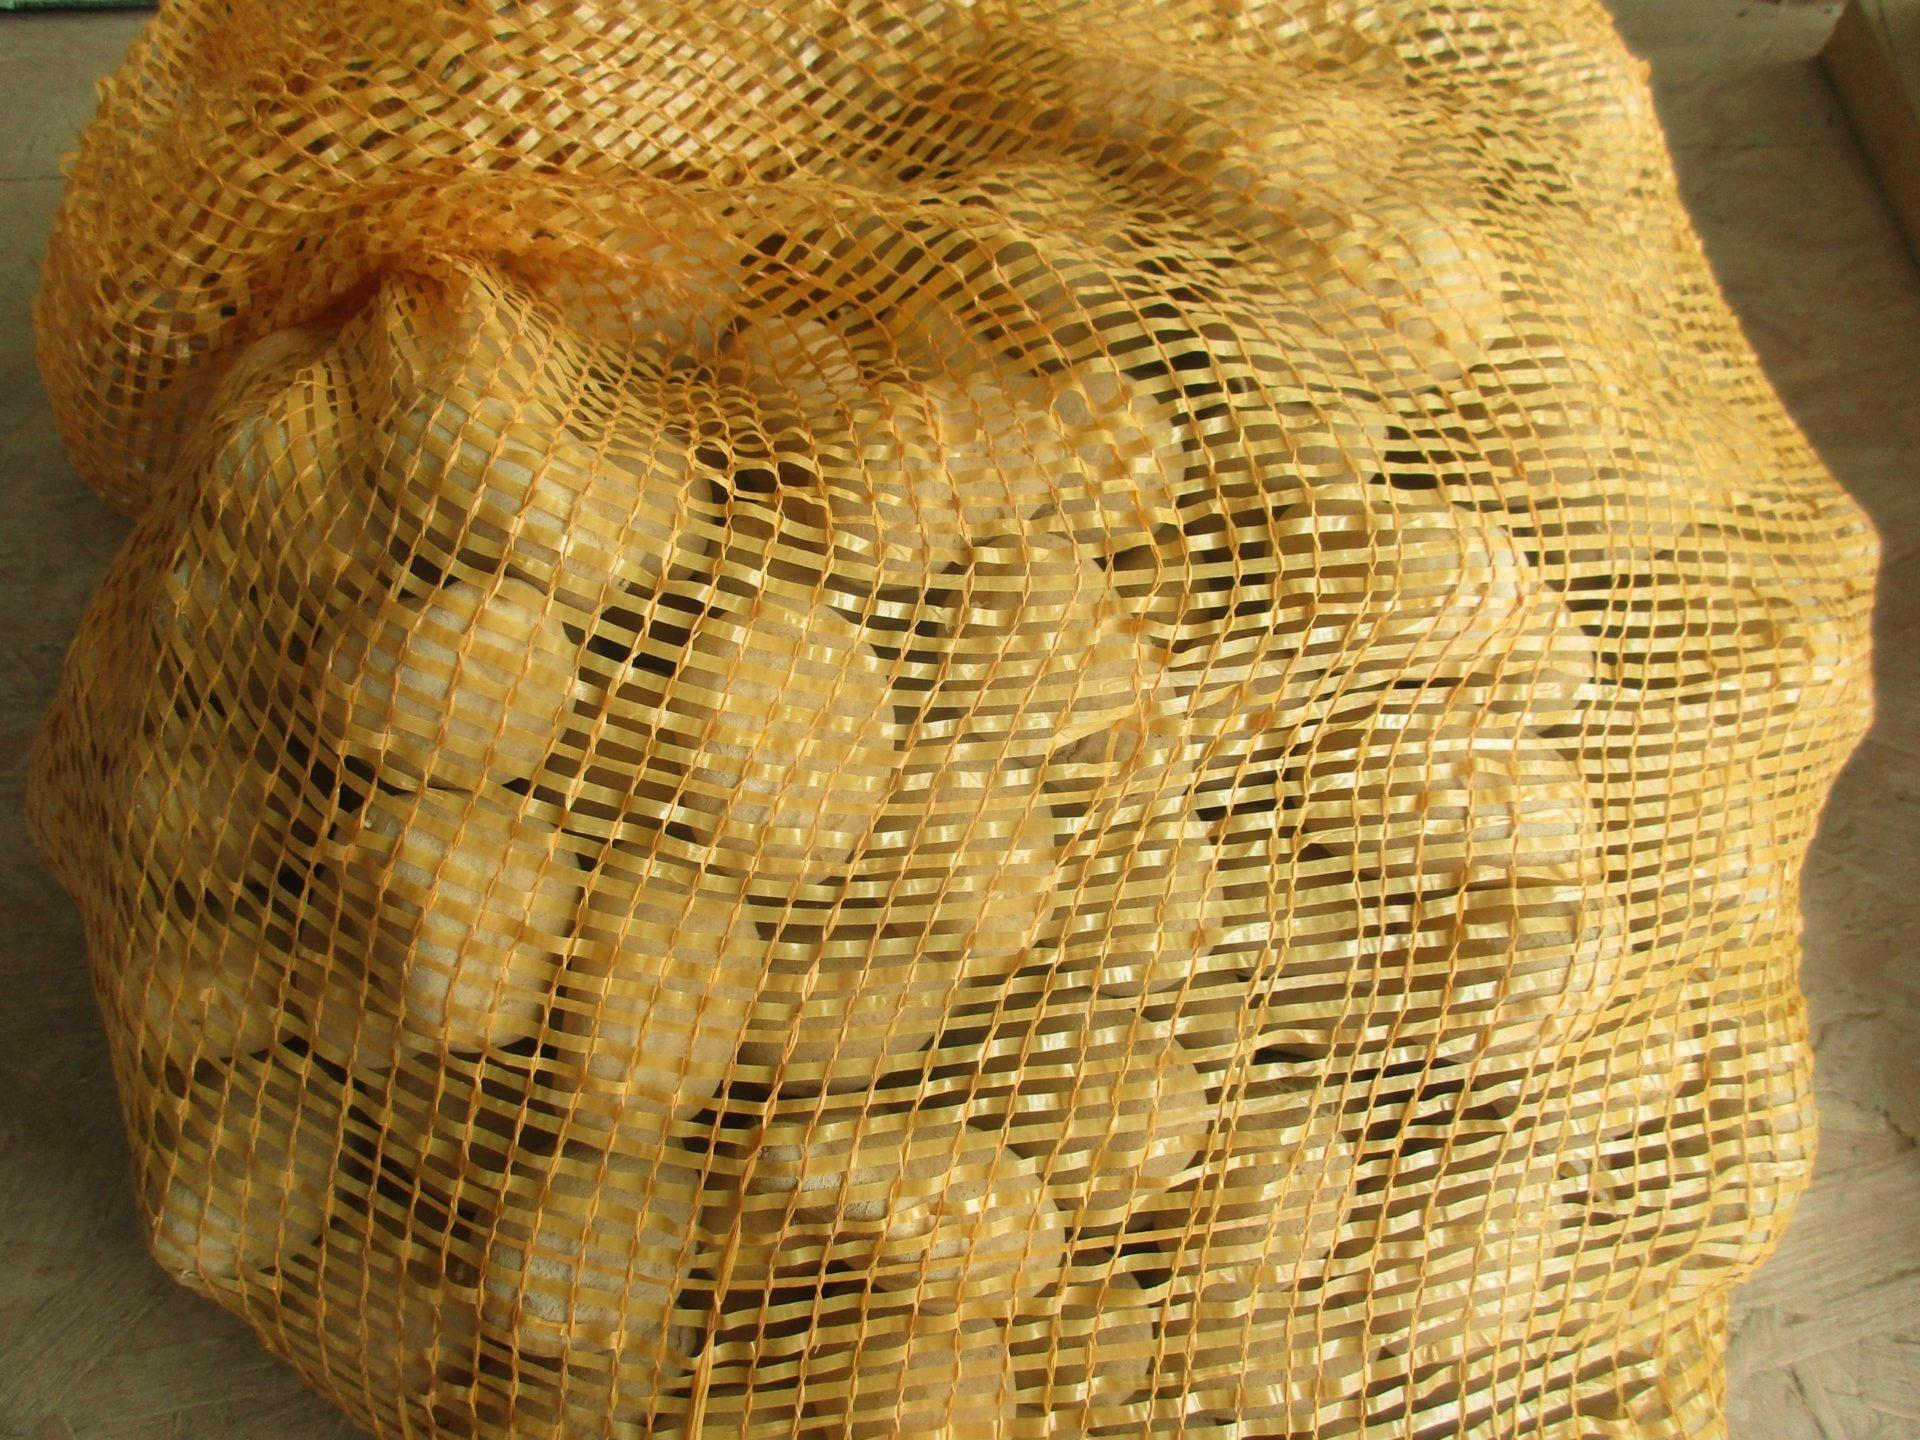 pomme de terre sac de mr girault et trait anti germe le potager fleuri louvern mayenne. Black Bedroom Furniture Sets. Home Design Ideas